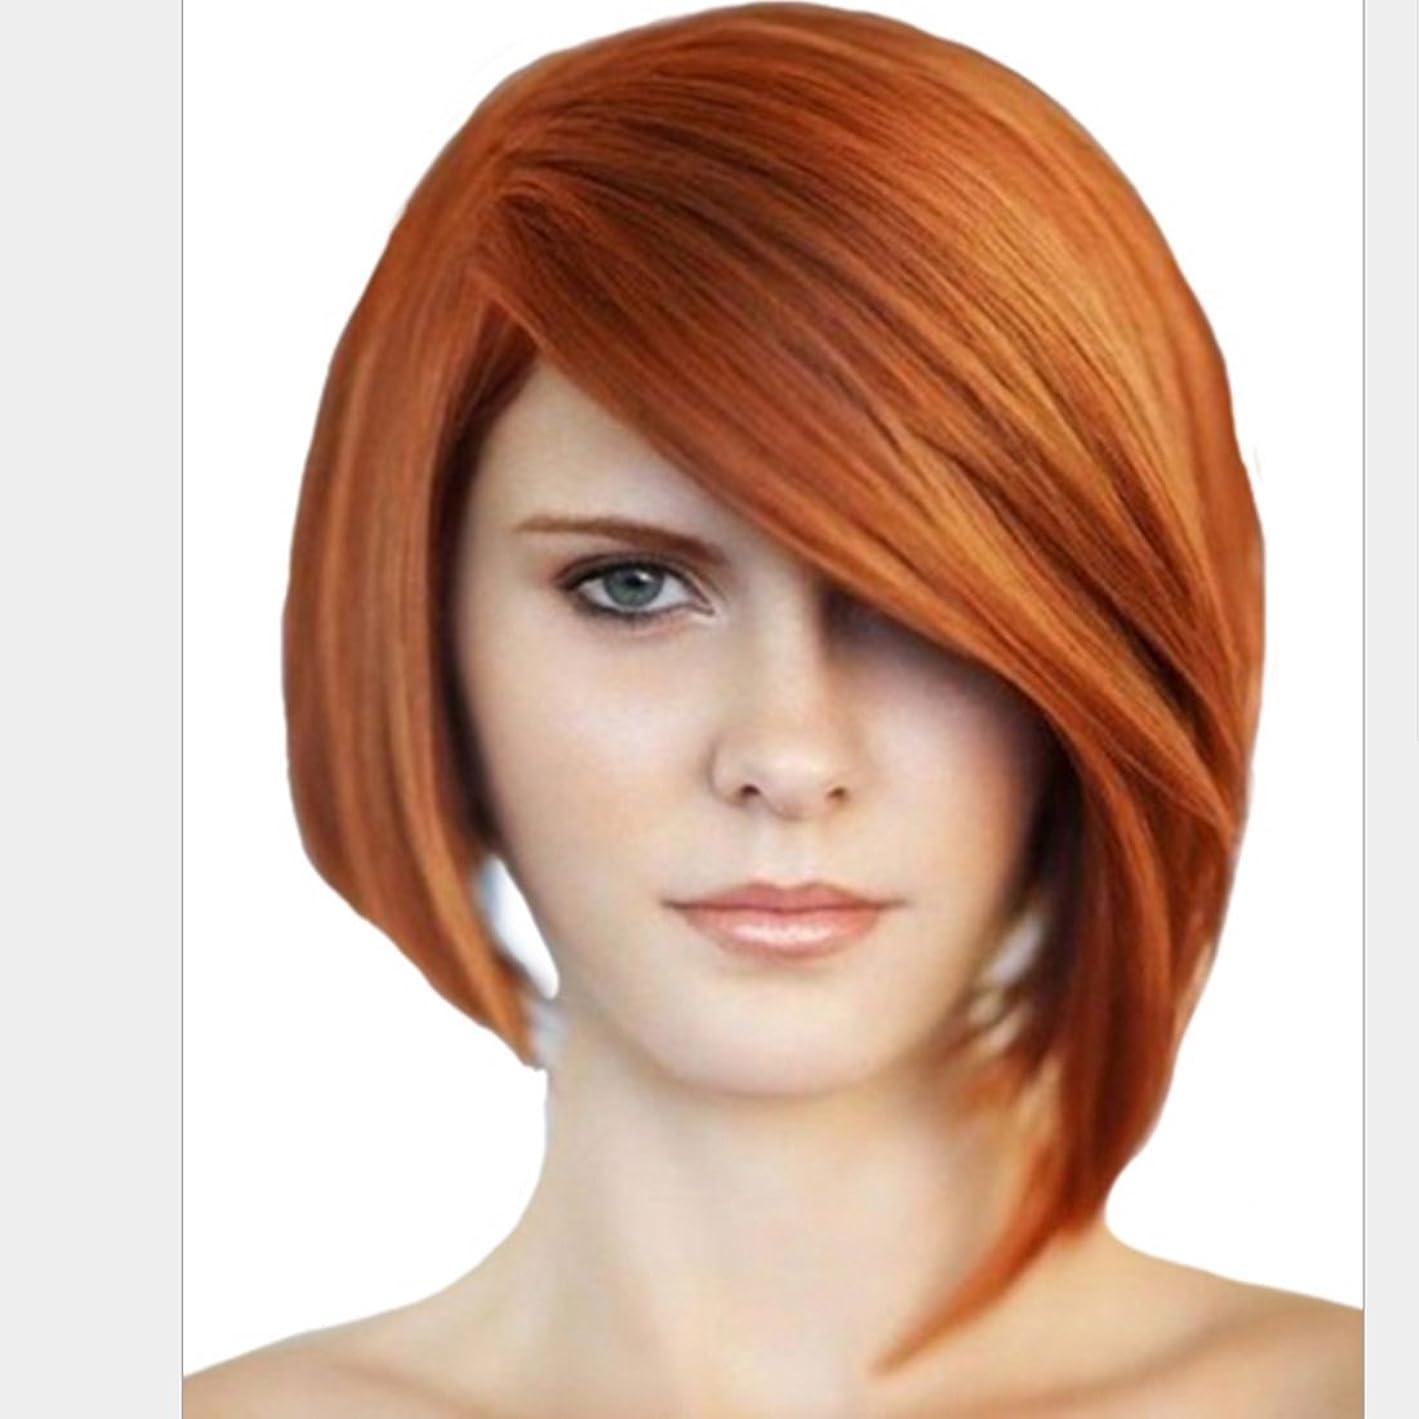 人種友情側HOHYLLYA 女性のための化学繊維ゴールドかつら斜めの髪飾り付きストレートヘアヘアヘッド白人女性のための抵抗性のかつら8インチのかつら (色 : ゴールド)